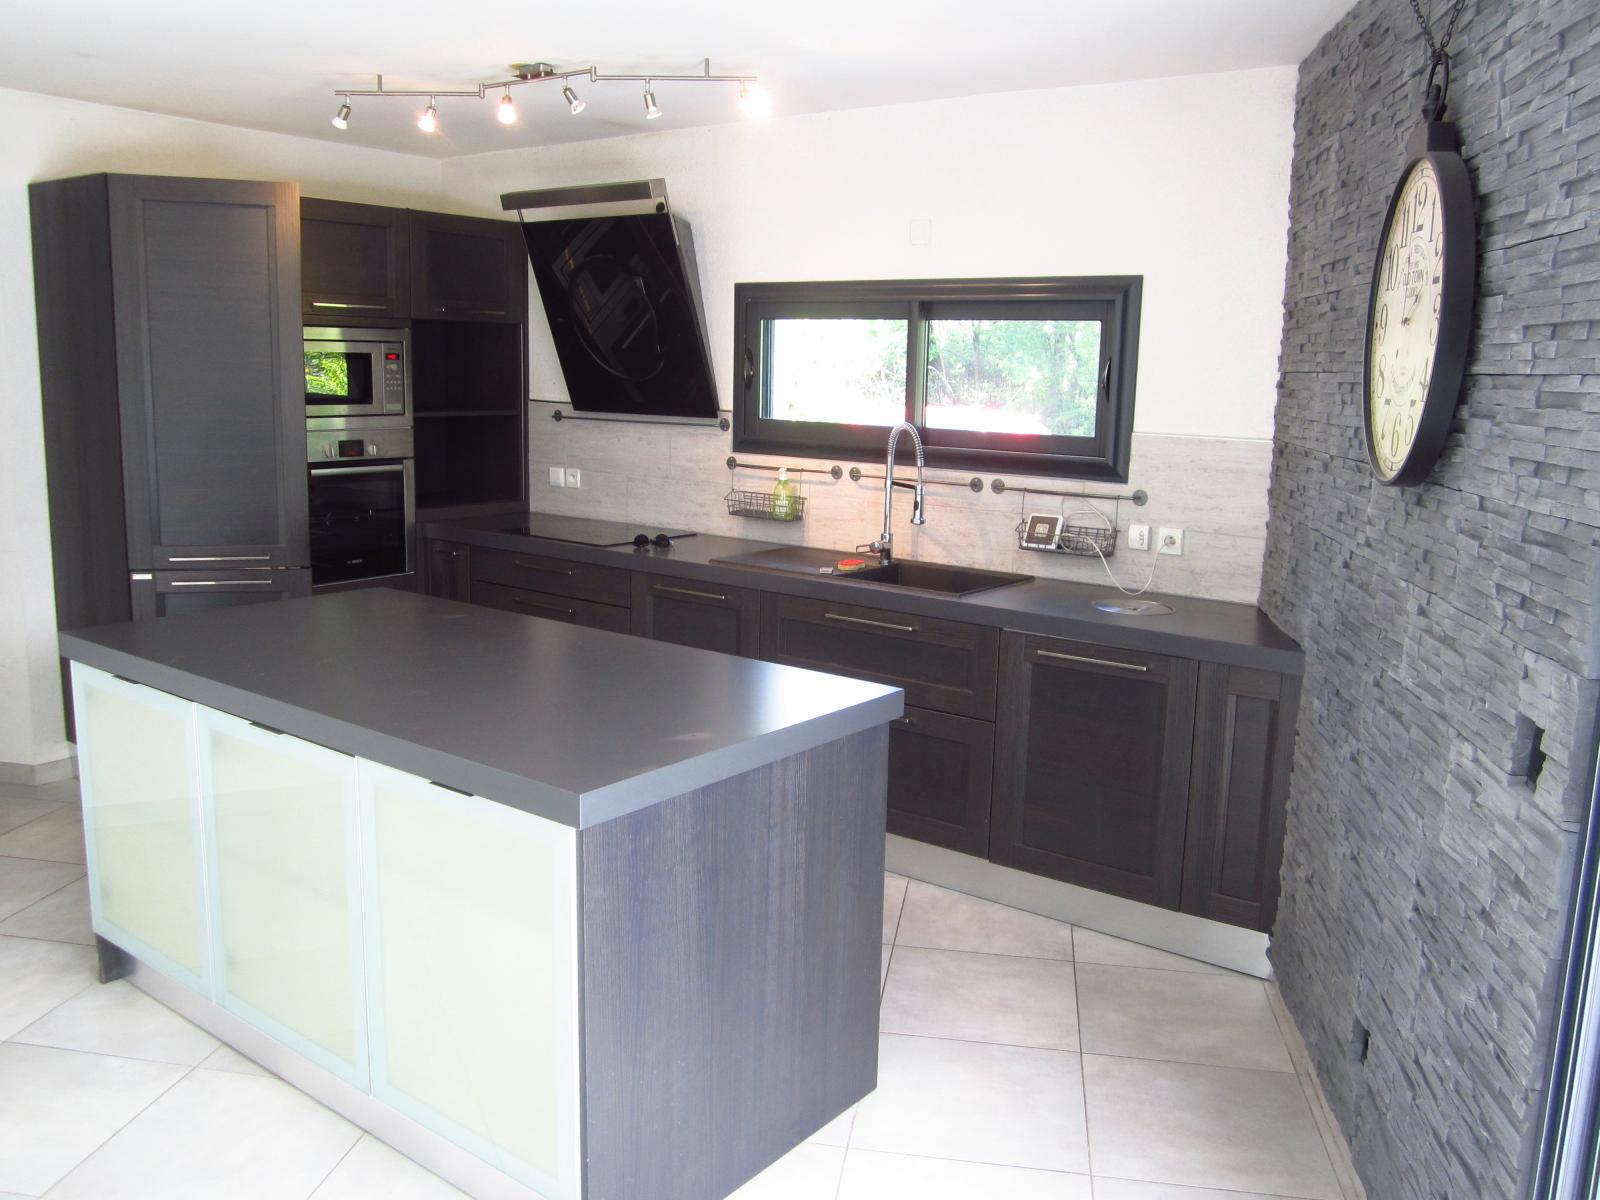 """EXCLUSIVITE St Julien-en-Genevois Appartement T3 en RDJ aux avantages d'une maison ( une """"Maisappart"""" ) SOUS COMPROMIS"""